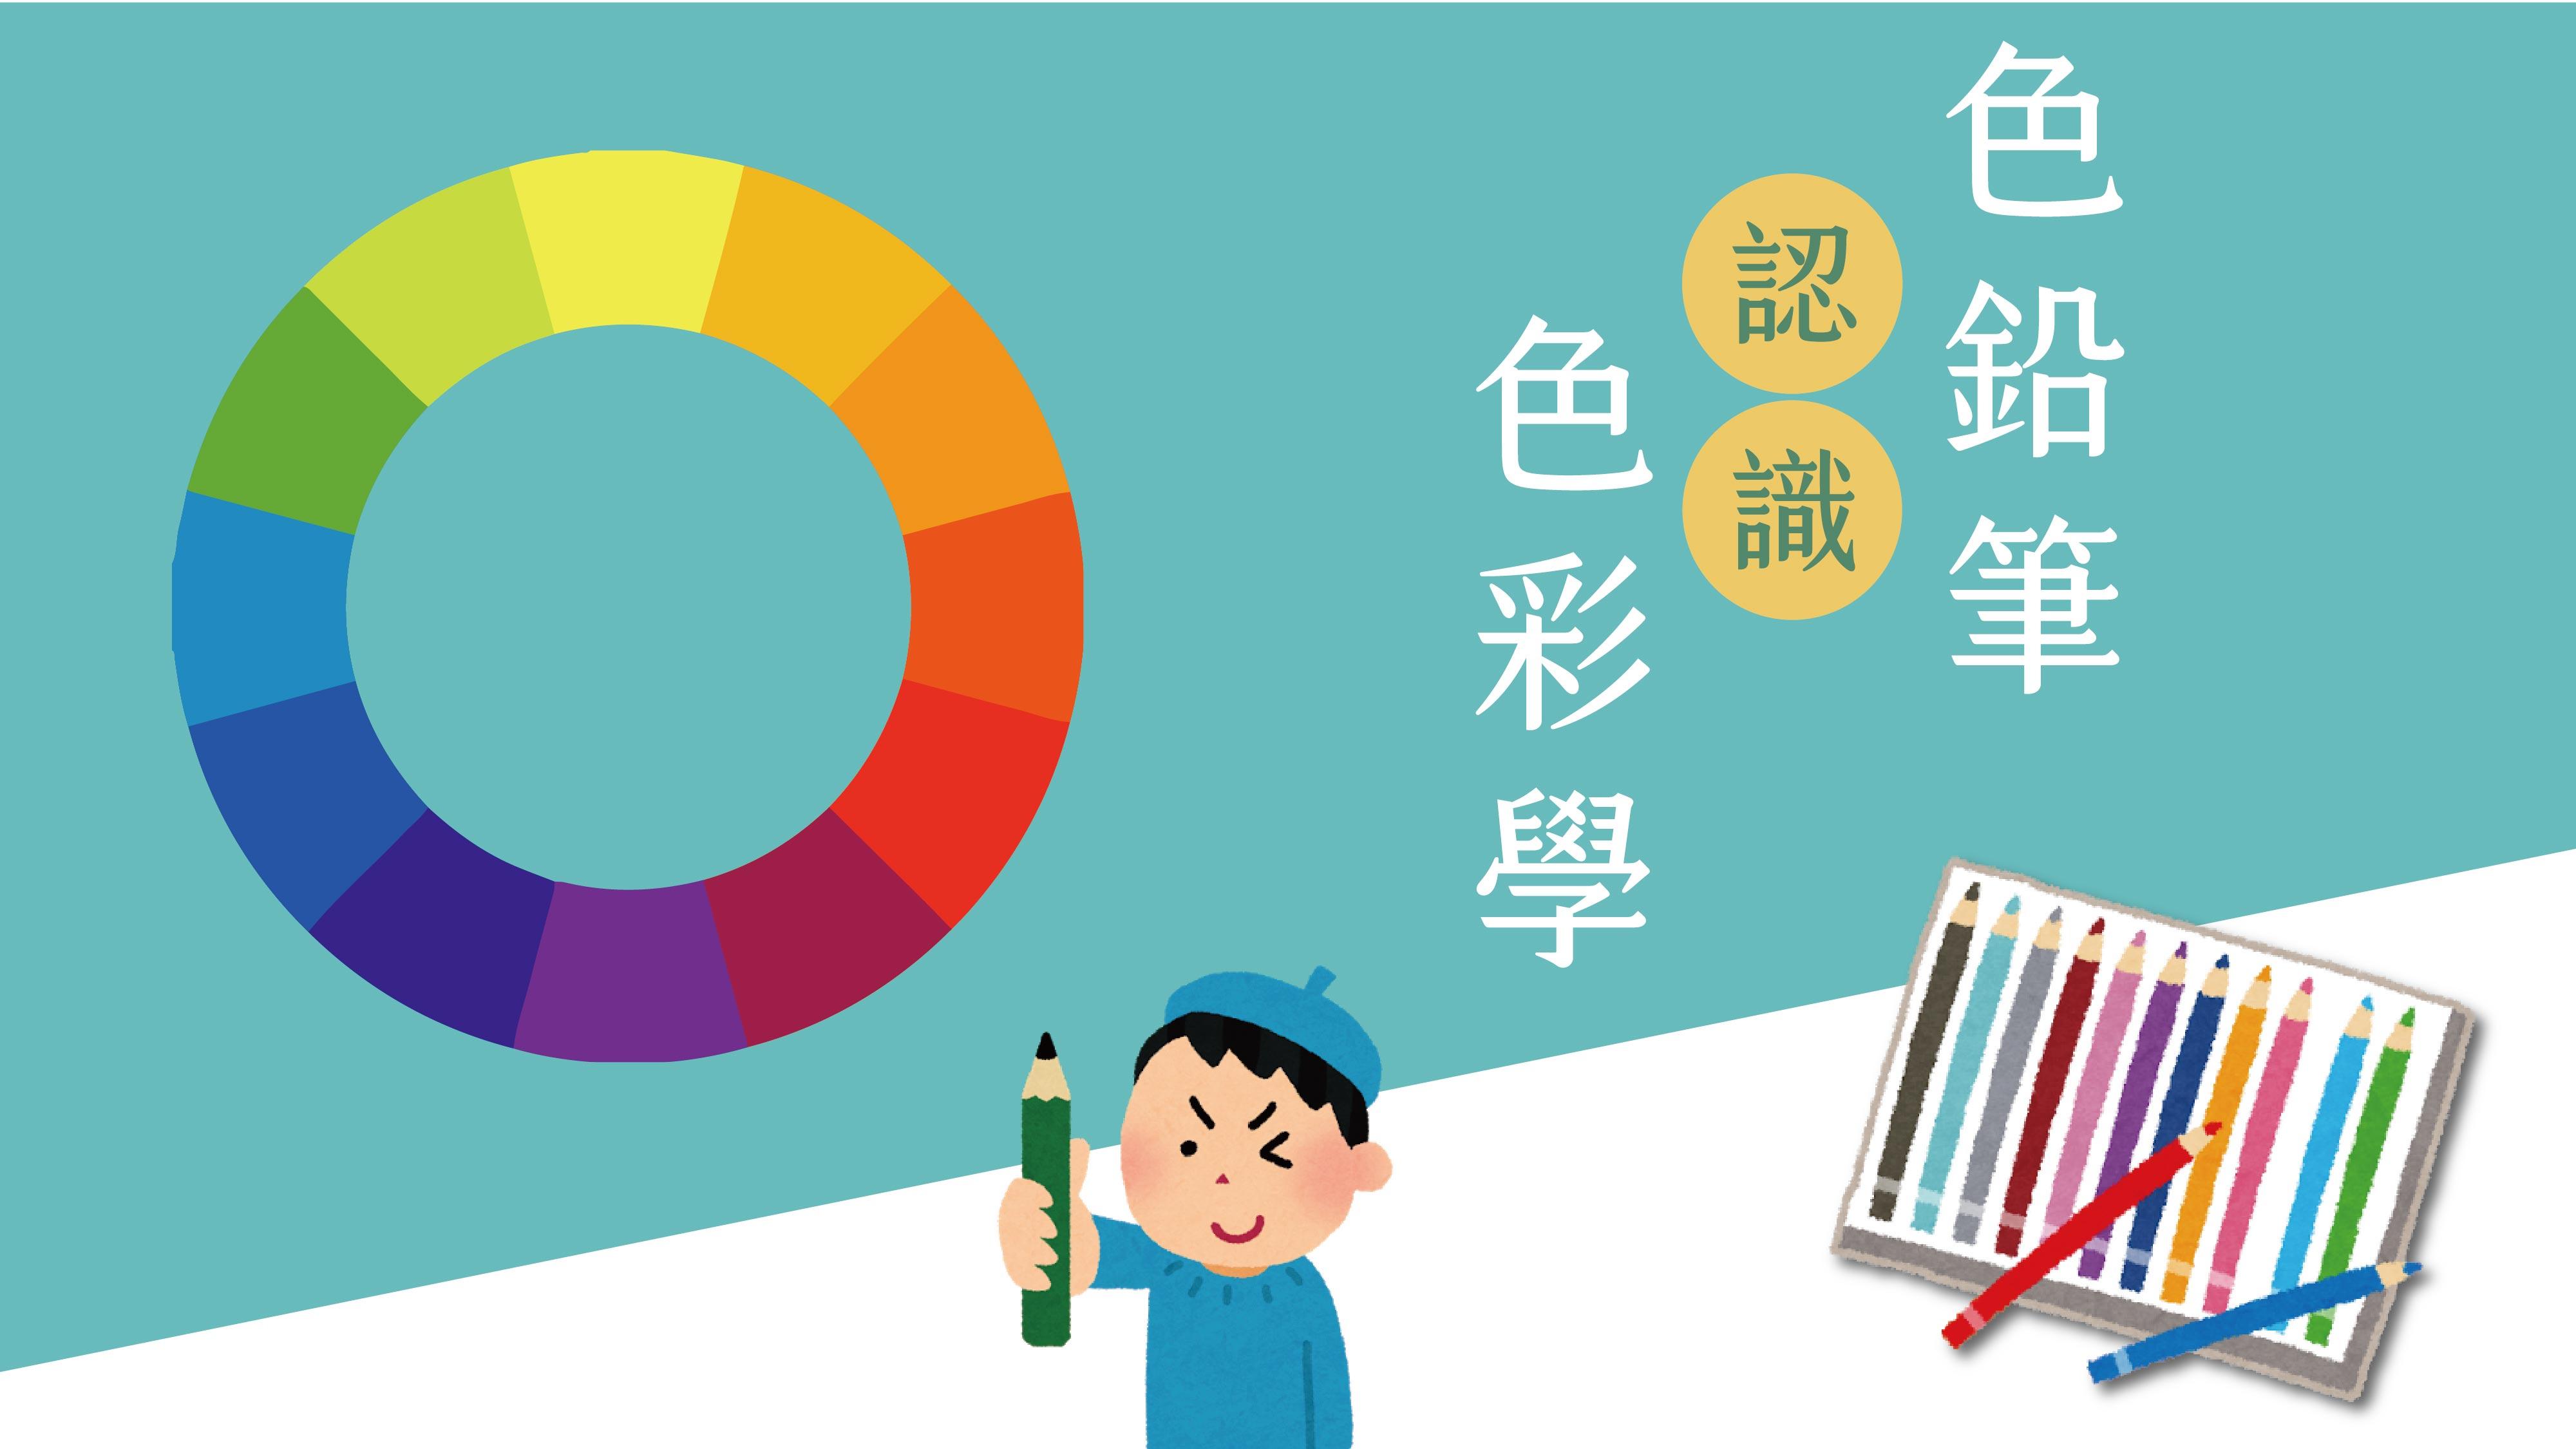 色鉛筆認識色彩學